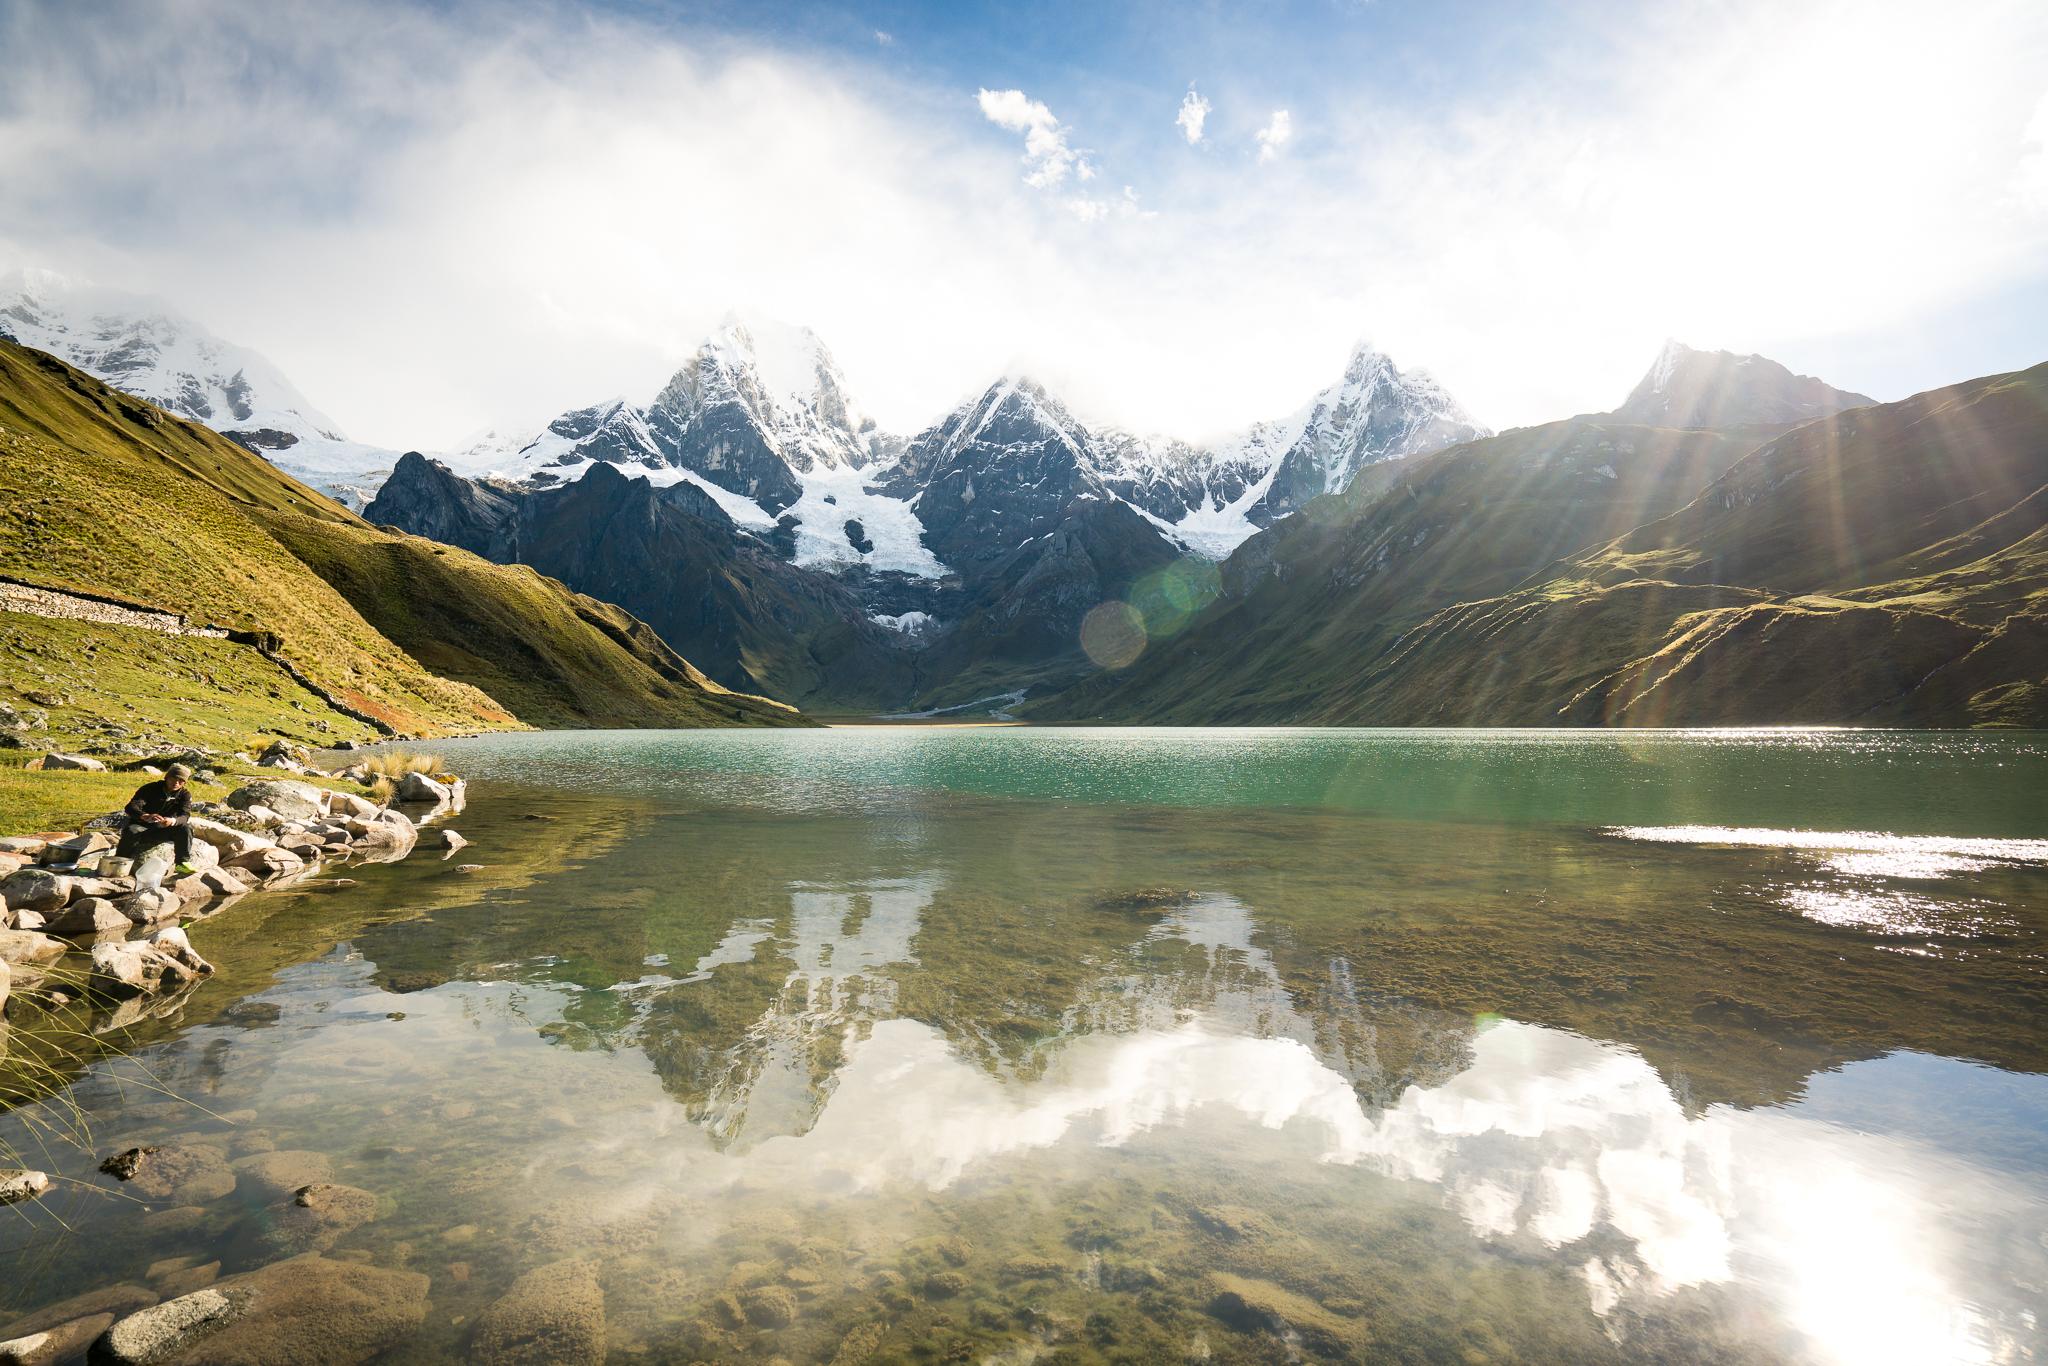 Trekking Peru's Cordillera Huayhuash